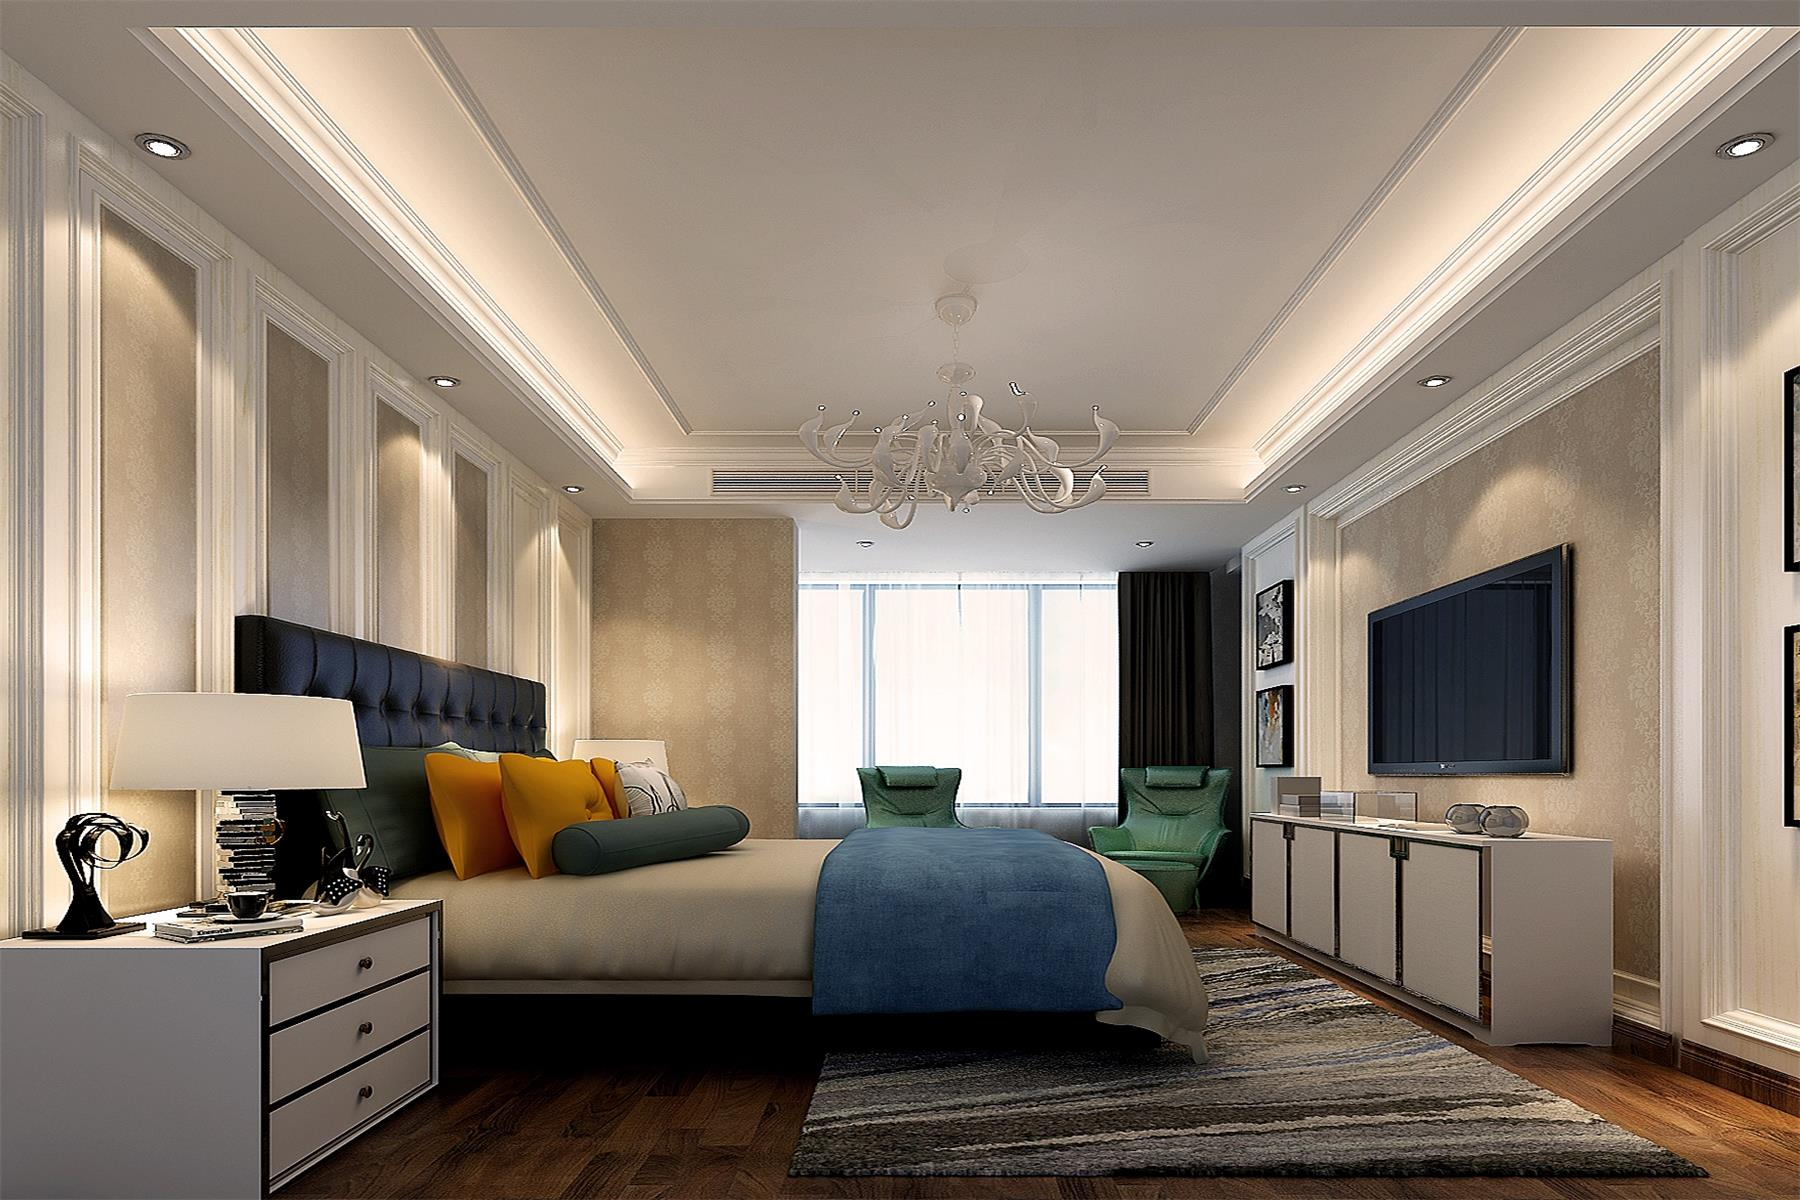 欧式 房屋类型:平层 设计师:何国鸿 主材配置:大理石瓷砖,墙板,无纺